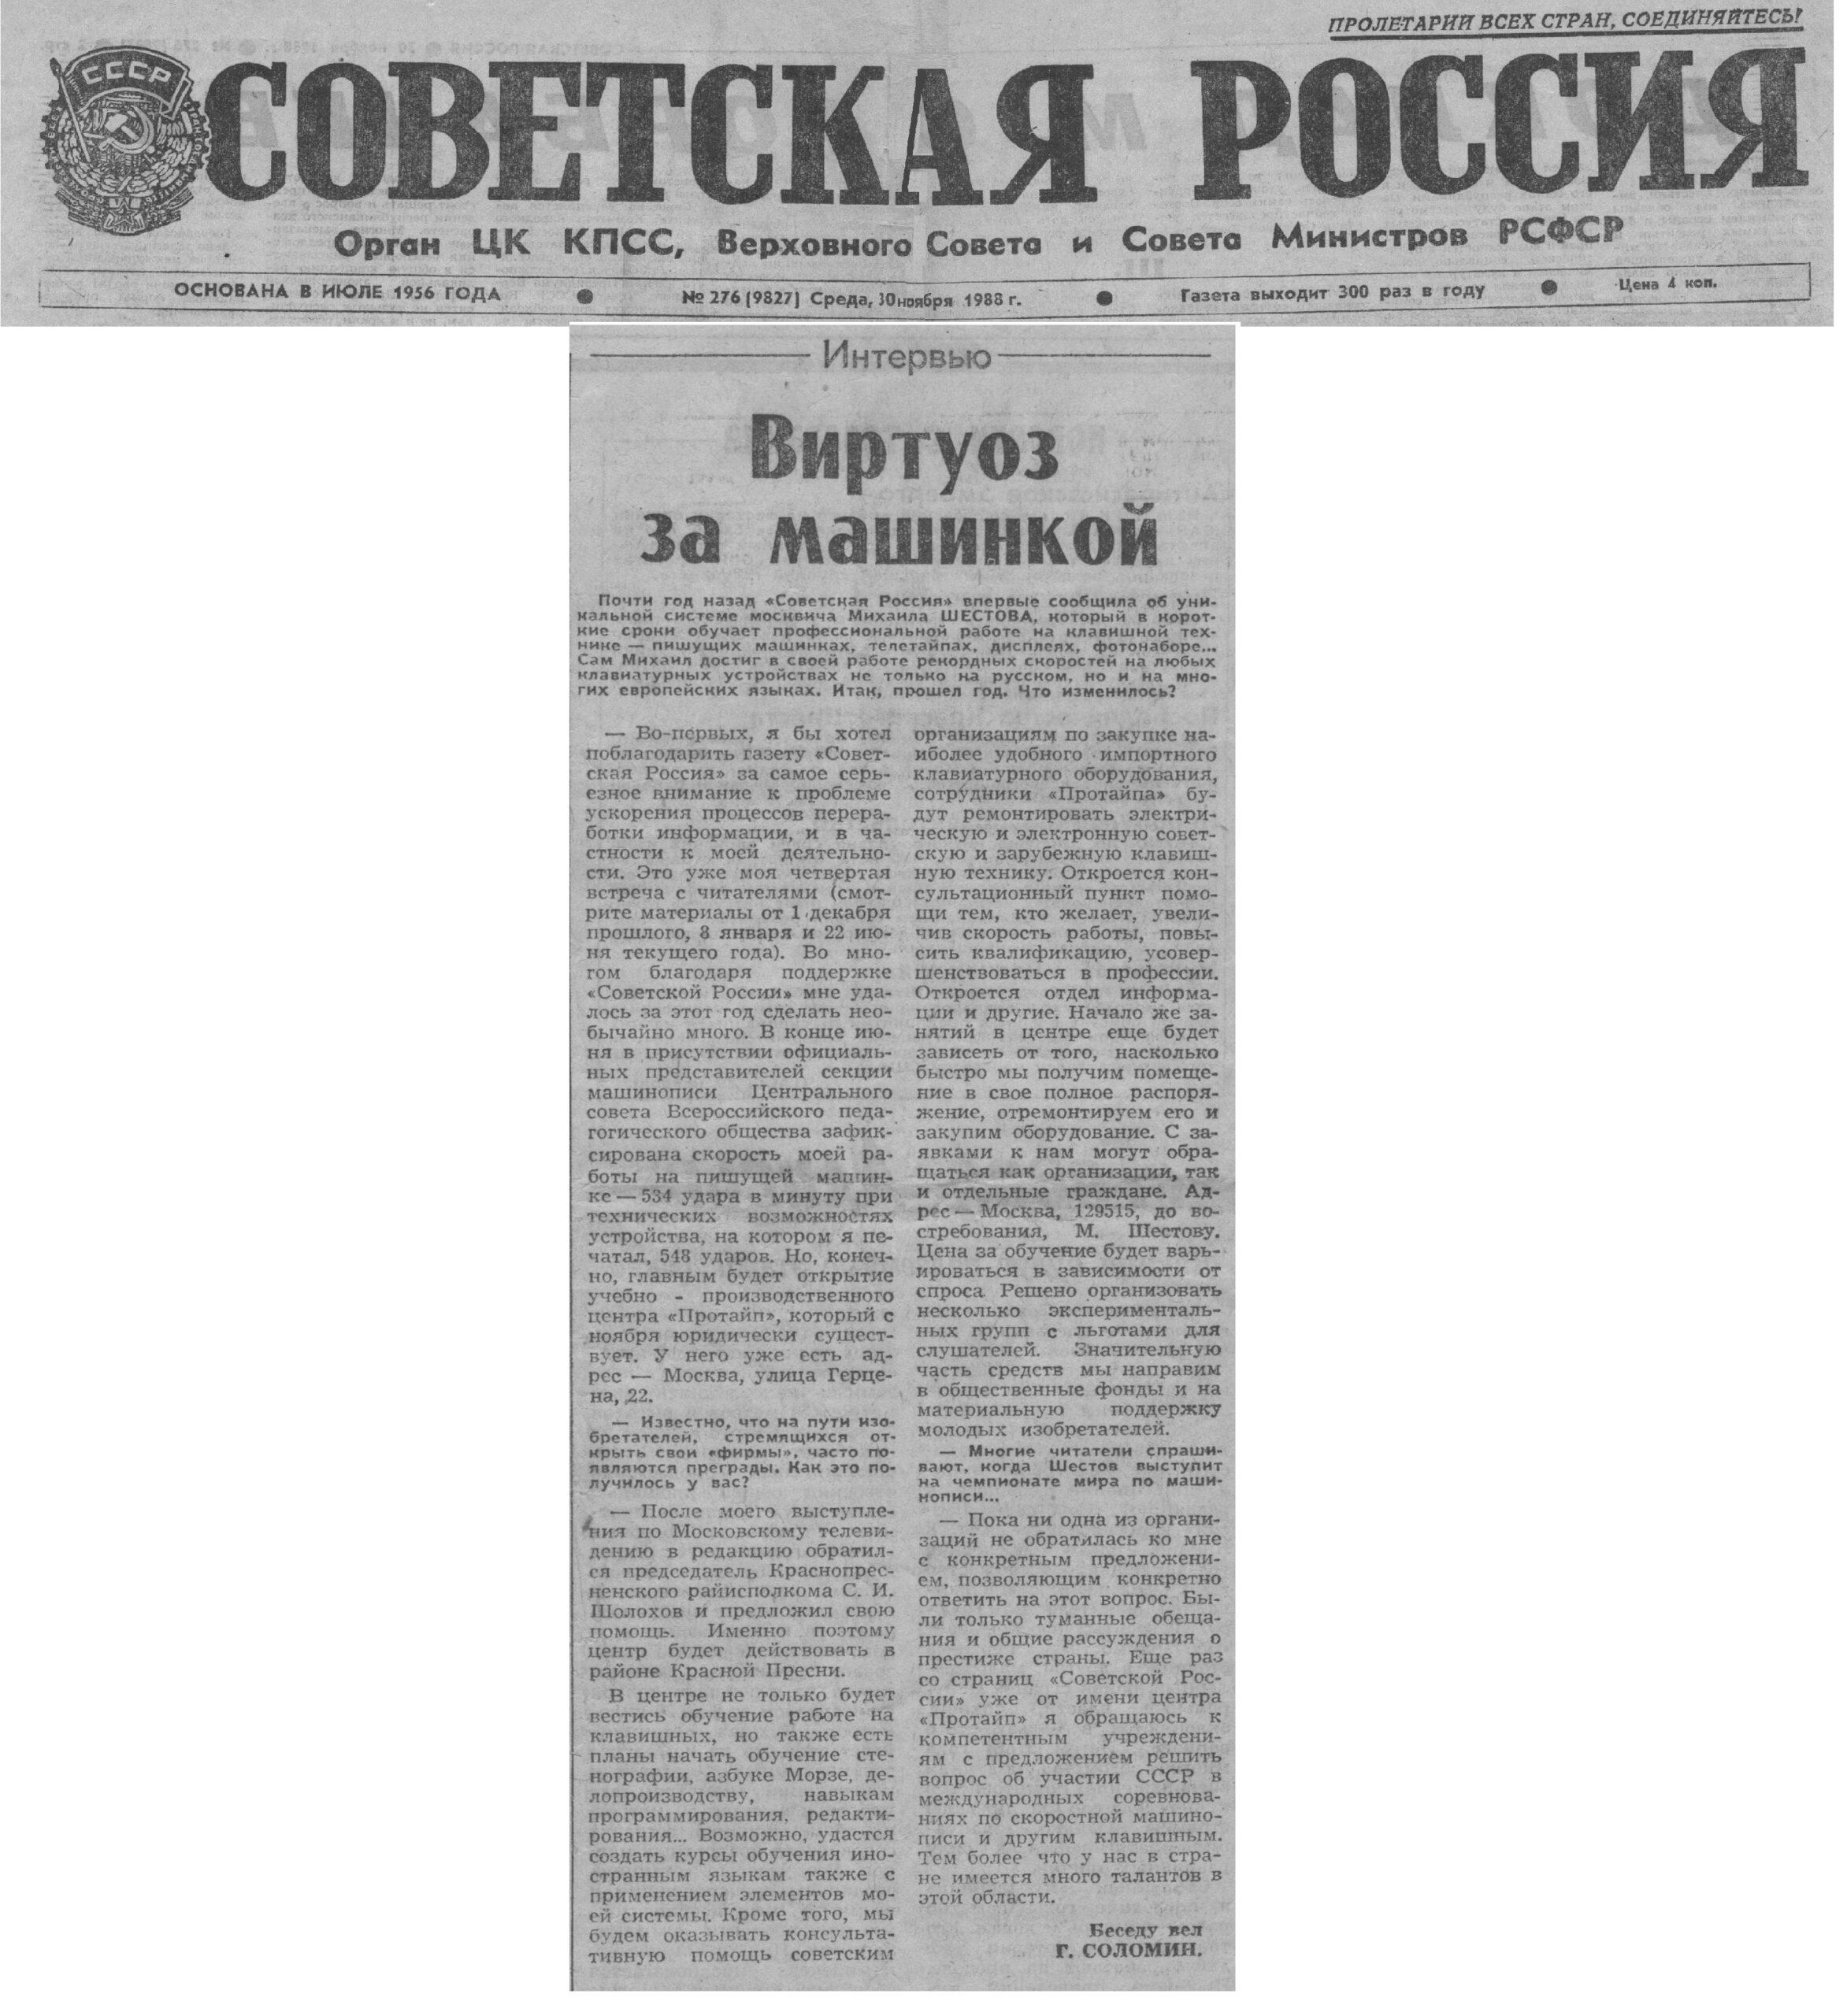 «Советская Россия», 1988 (3)